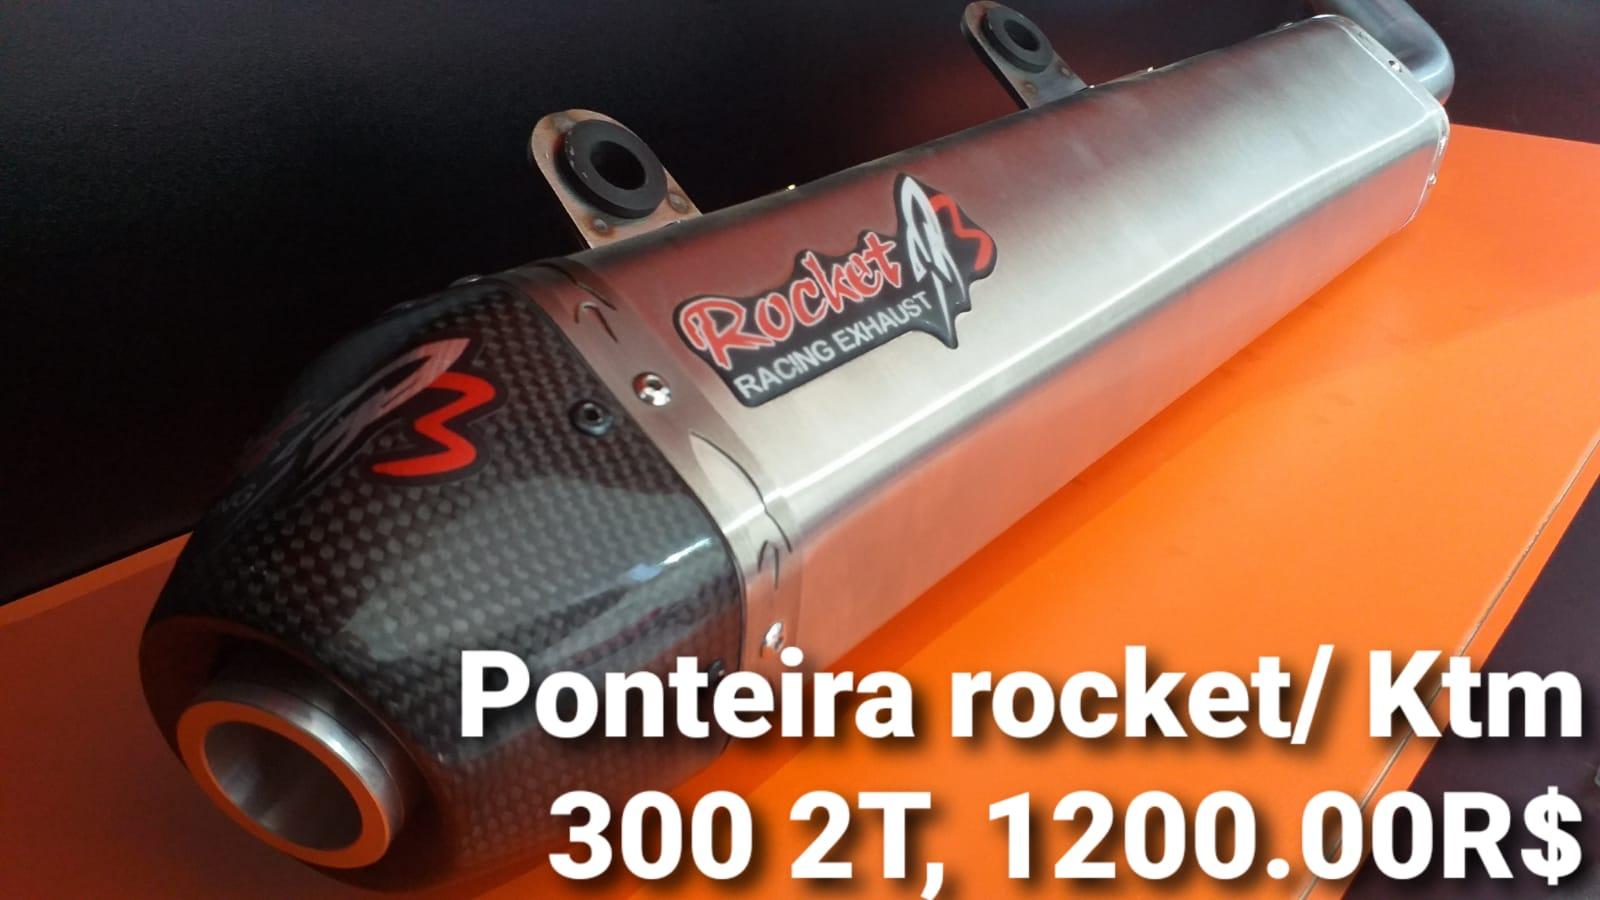 PONTEIRA ROCKET 3 KTM 2T